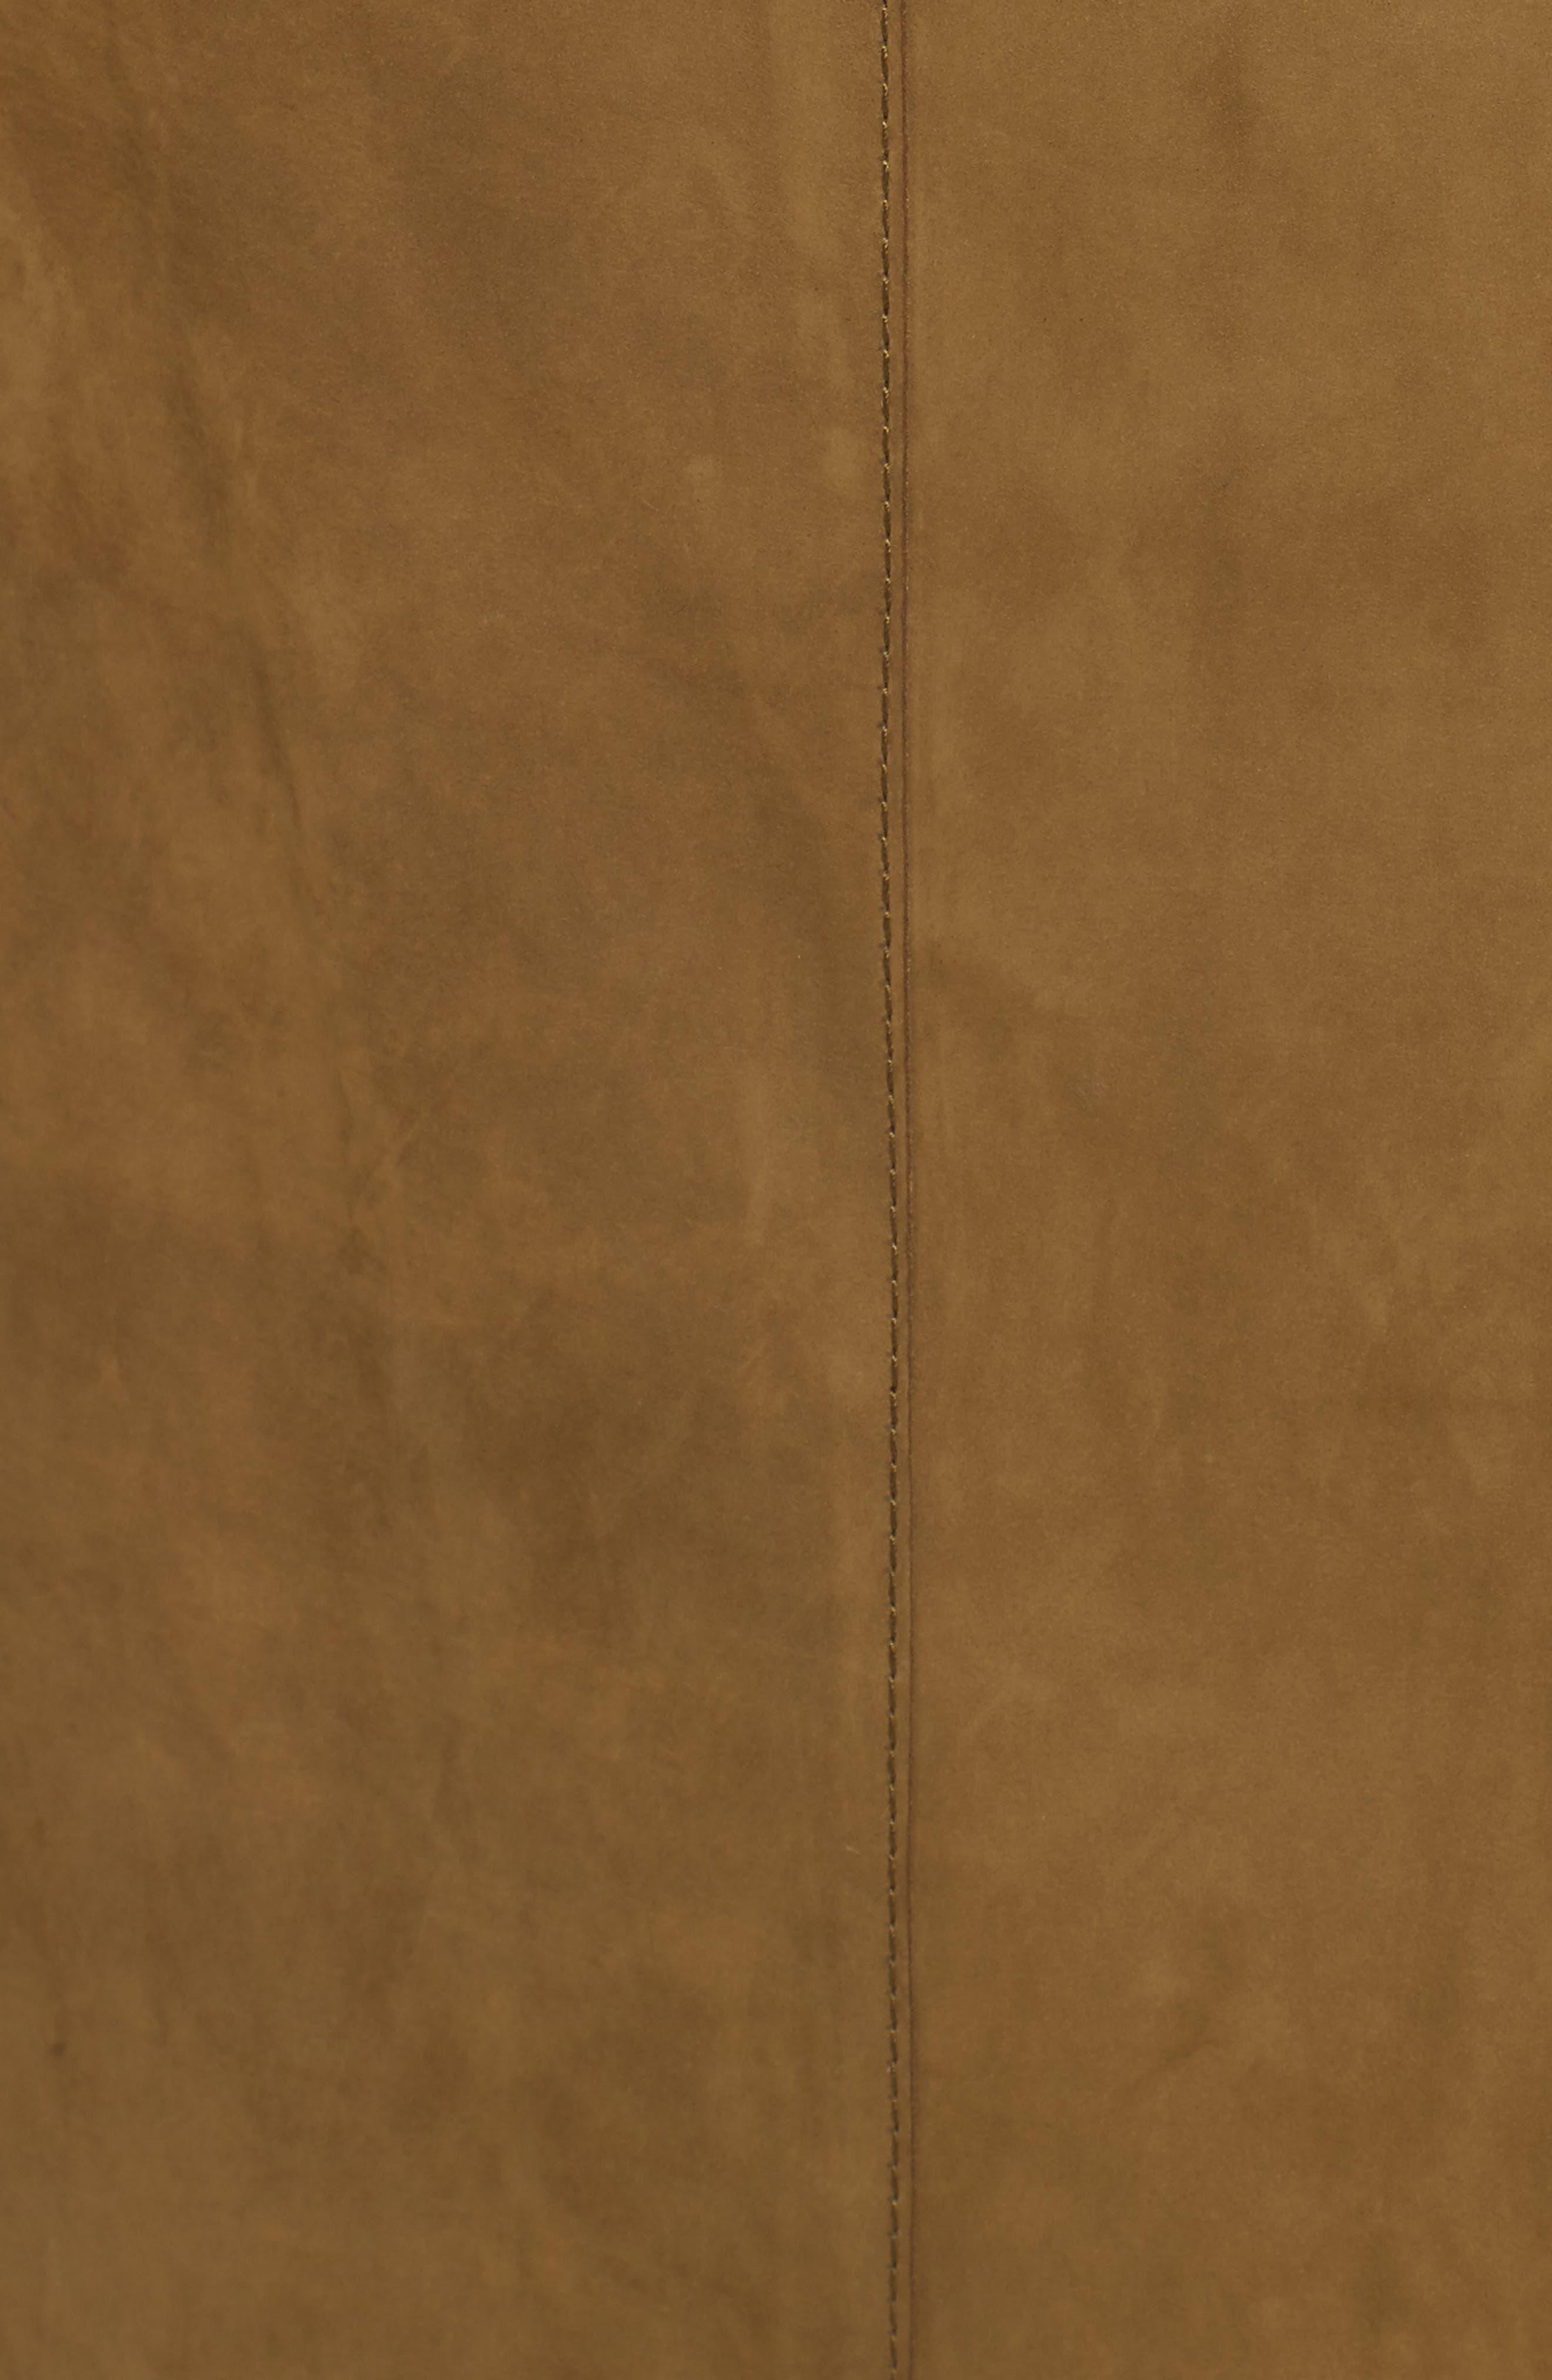 Orla Leather Skirt,                             Alternate thumbnail 5, color,                             389